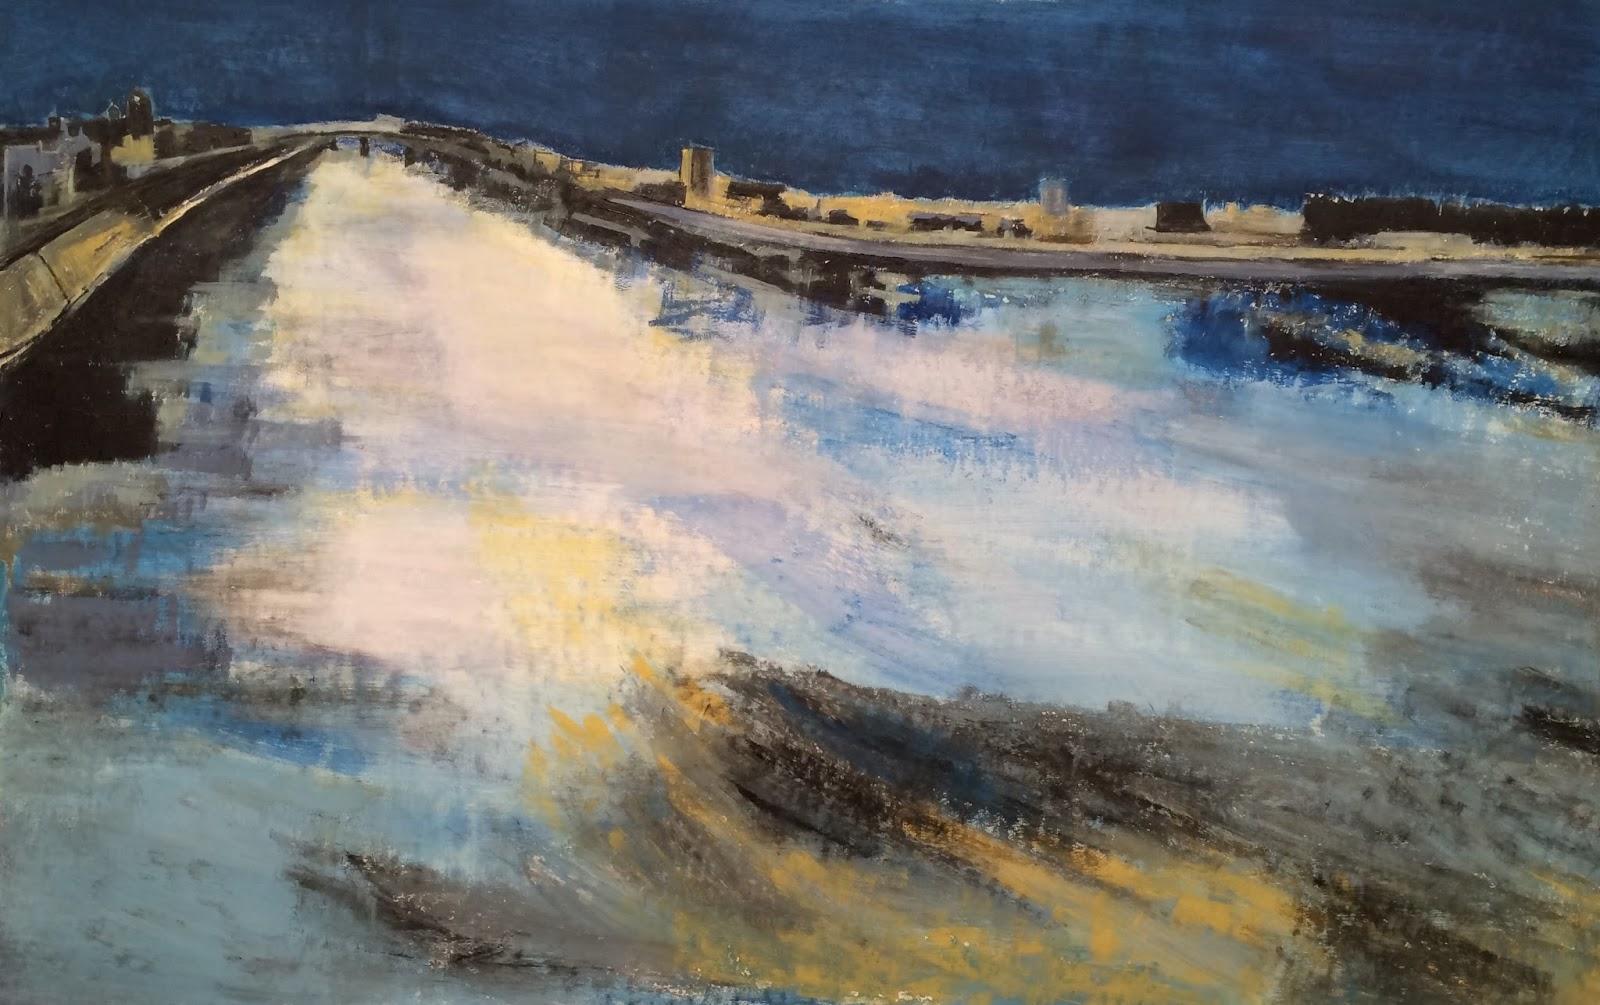 N°2302 - Arles, le Poème du Rhône - Acrylique sur toile - 81 x 130 cm - 10 avril 2016